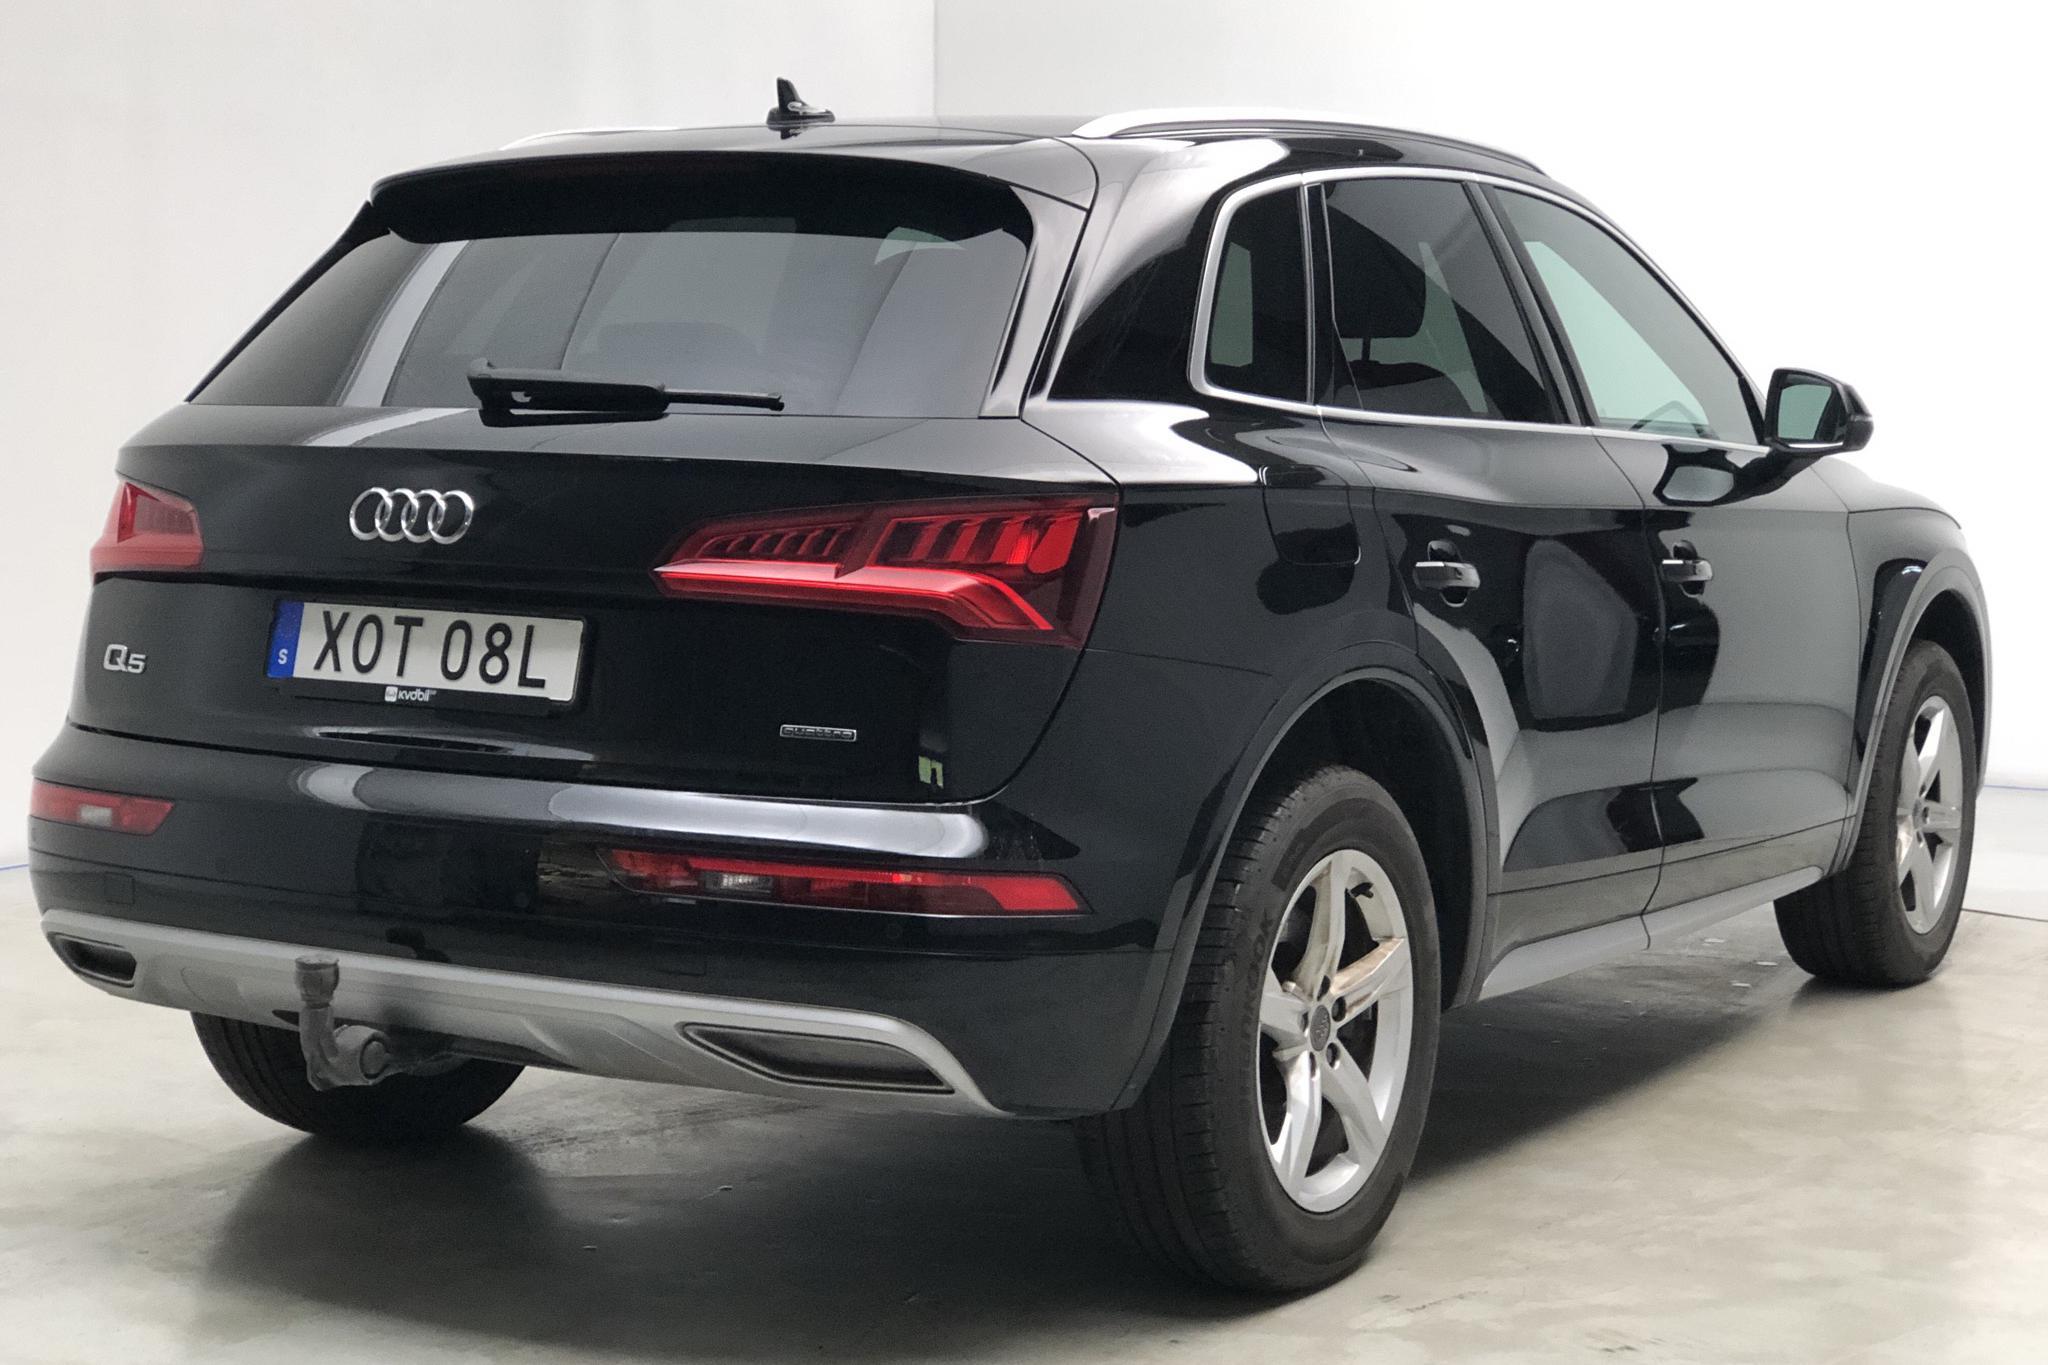 Audi Q5 35 TDI quattro (163hk) - 50 510 km - Automatic - black - 2020